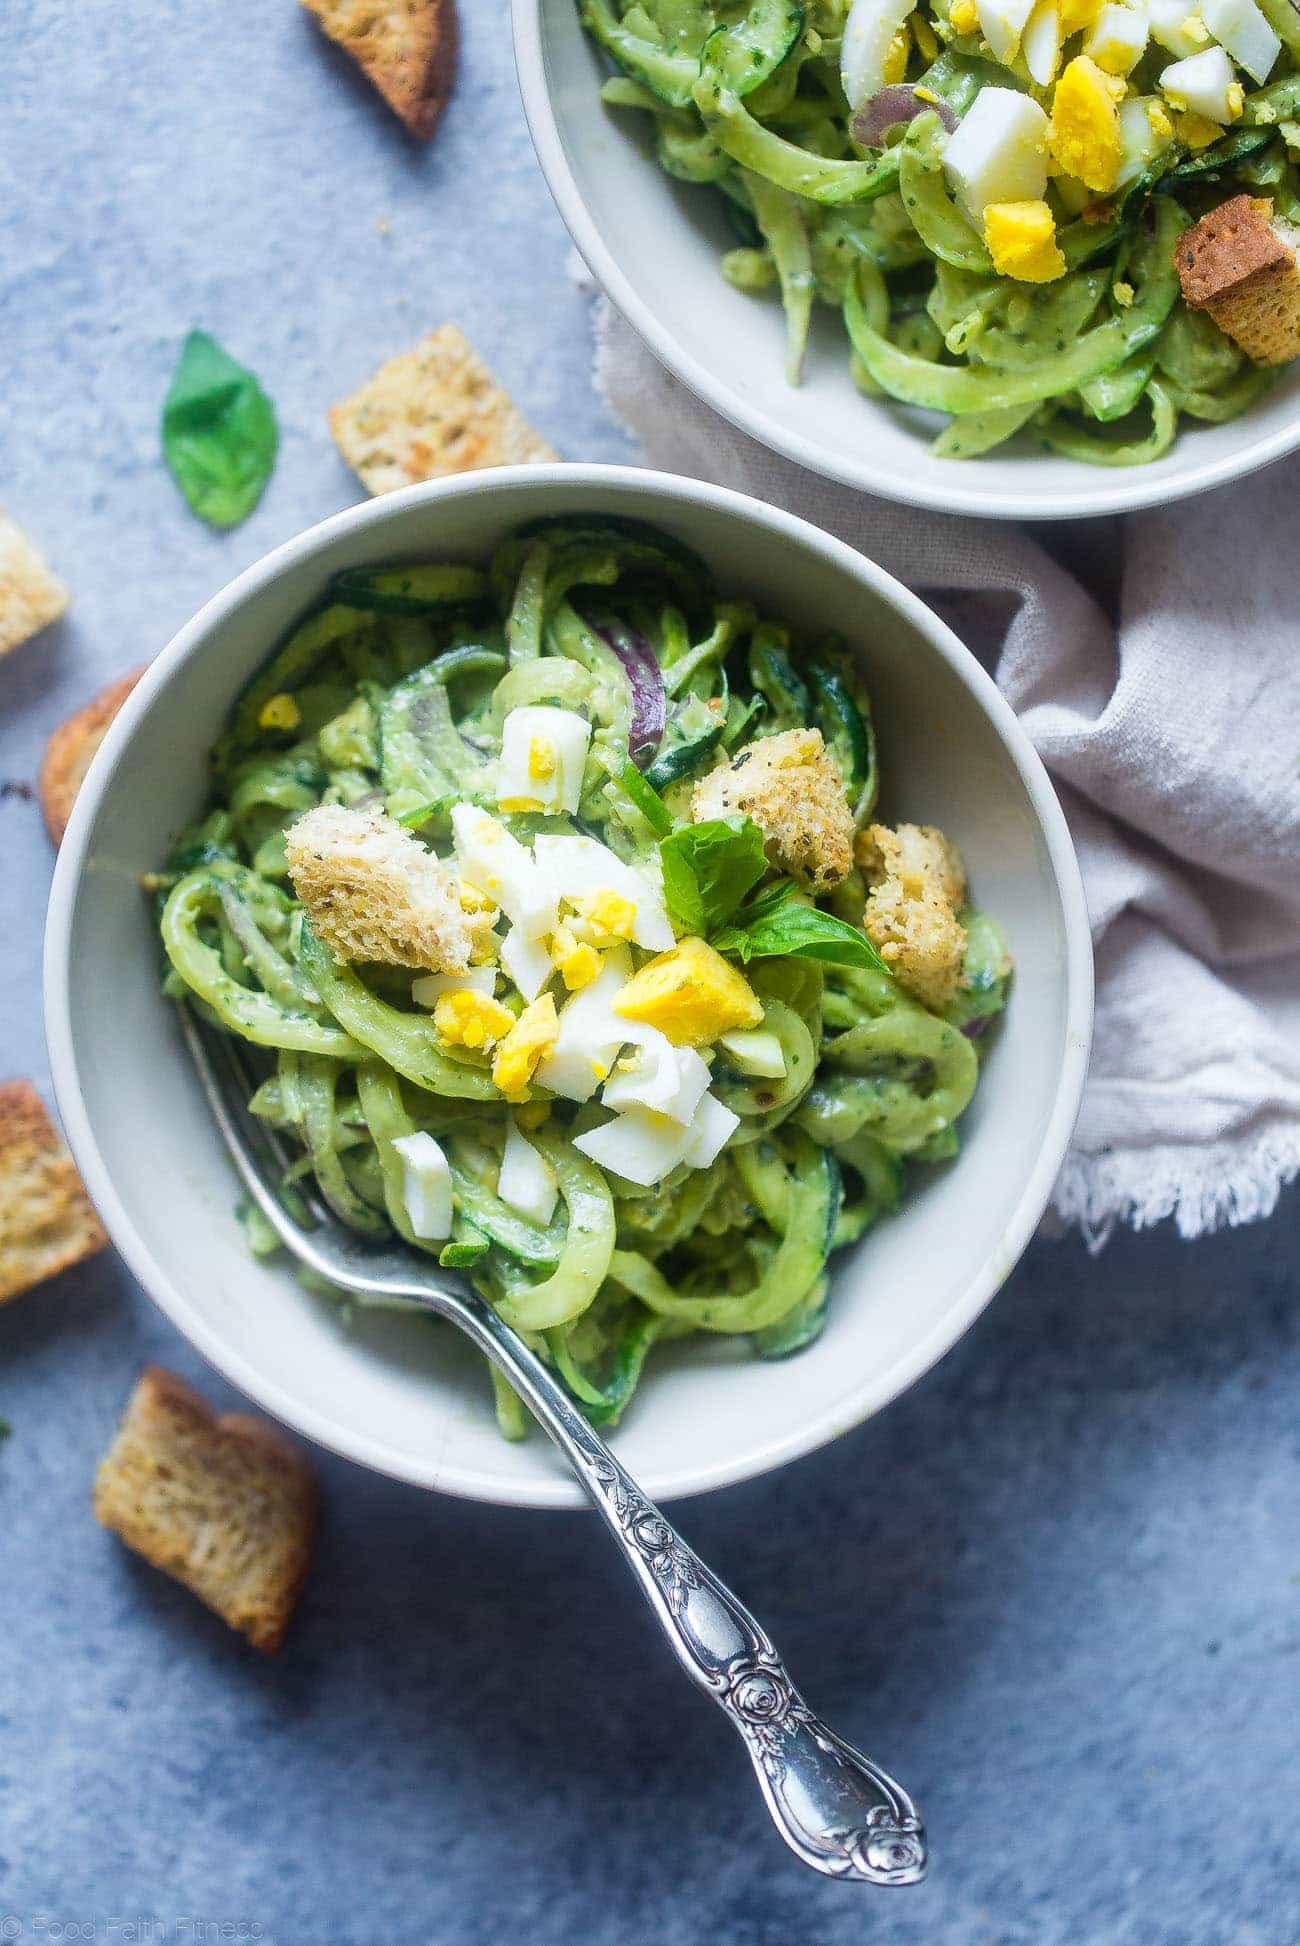 Healthy Pasta Noodles  Avocado Pesto Healthy Pasta Salad with Zucchini Noodles